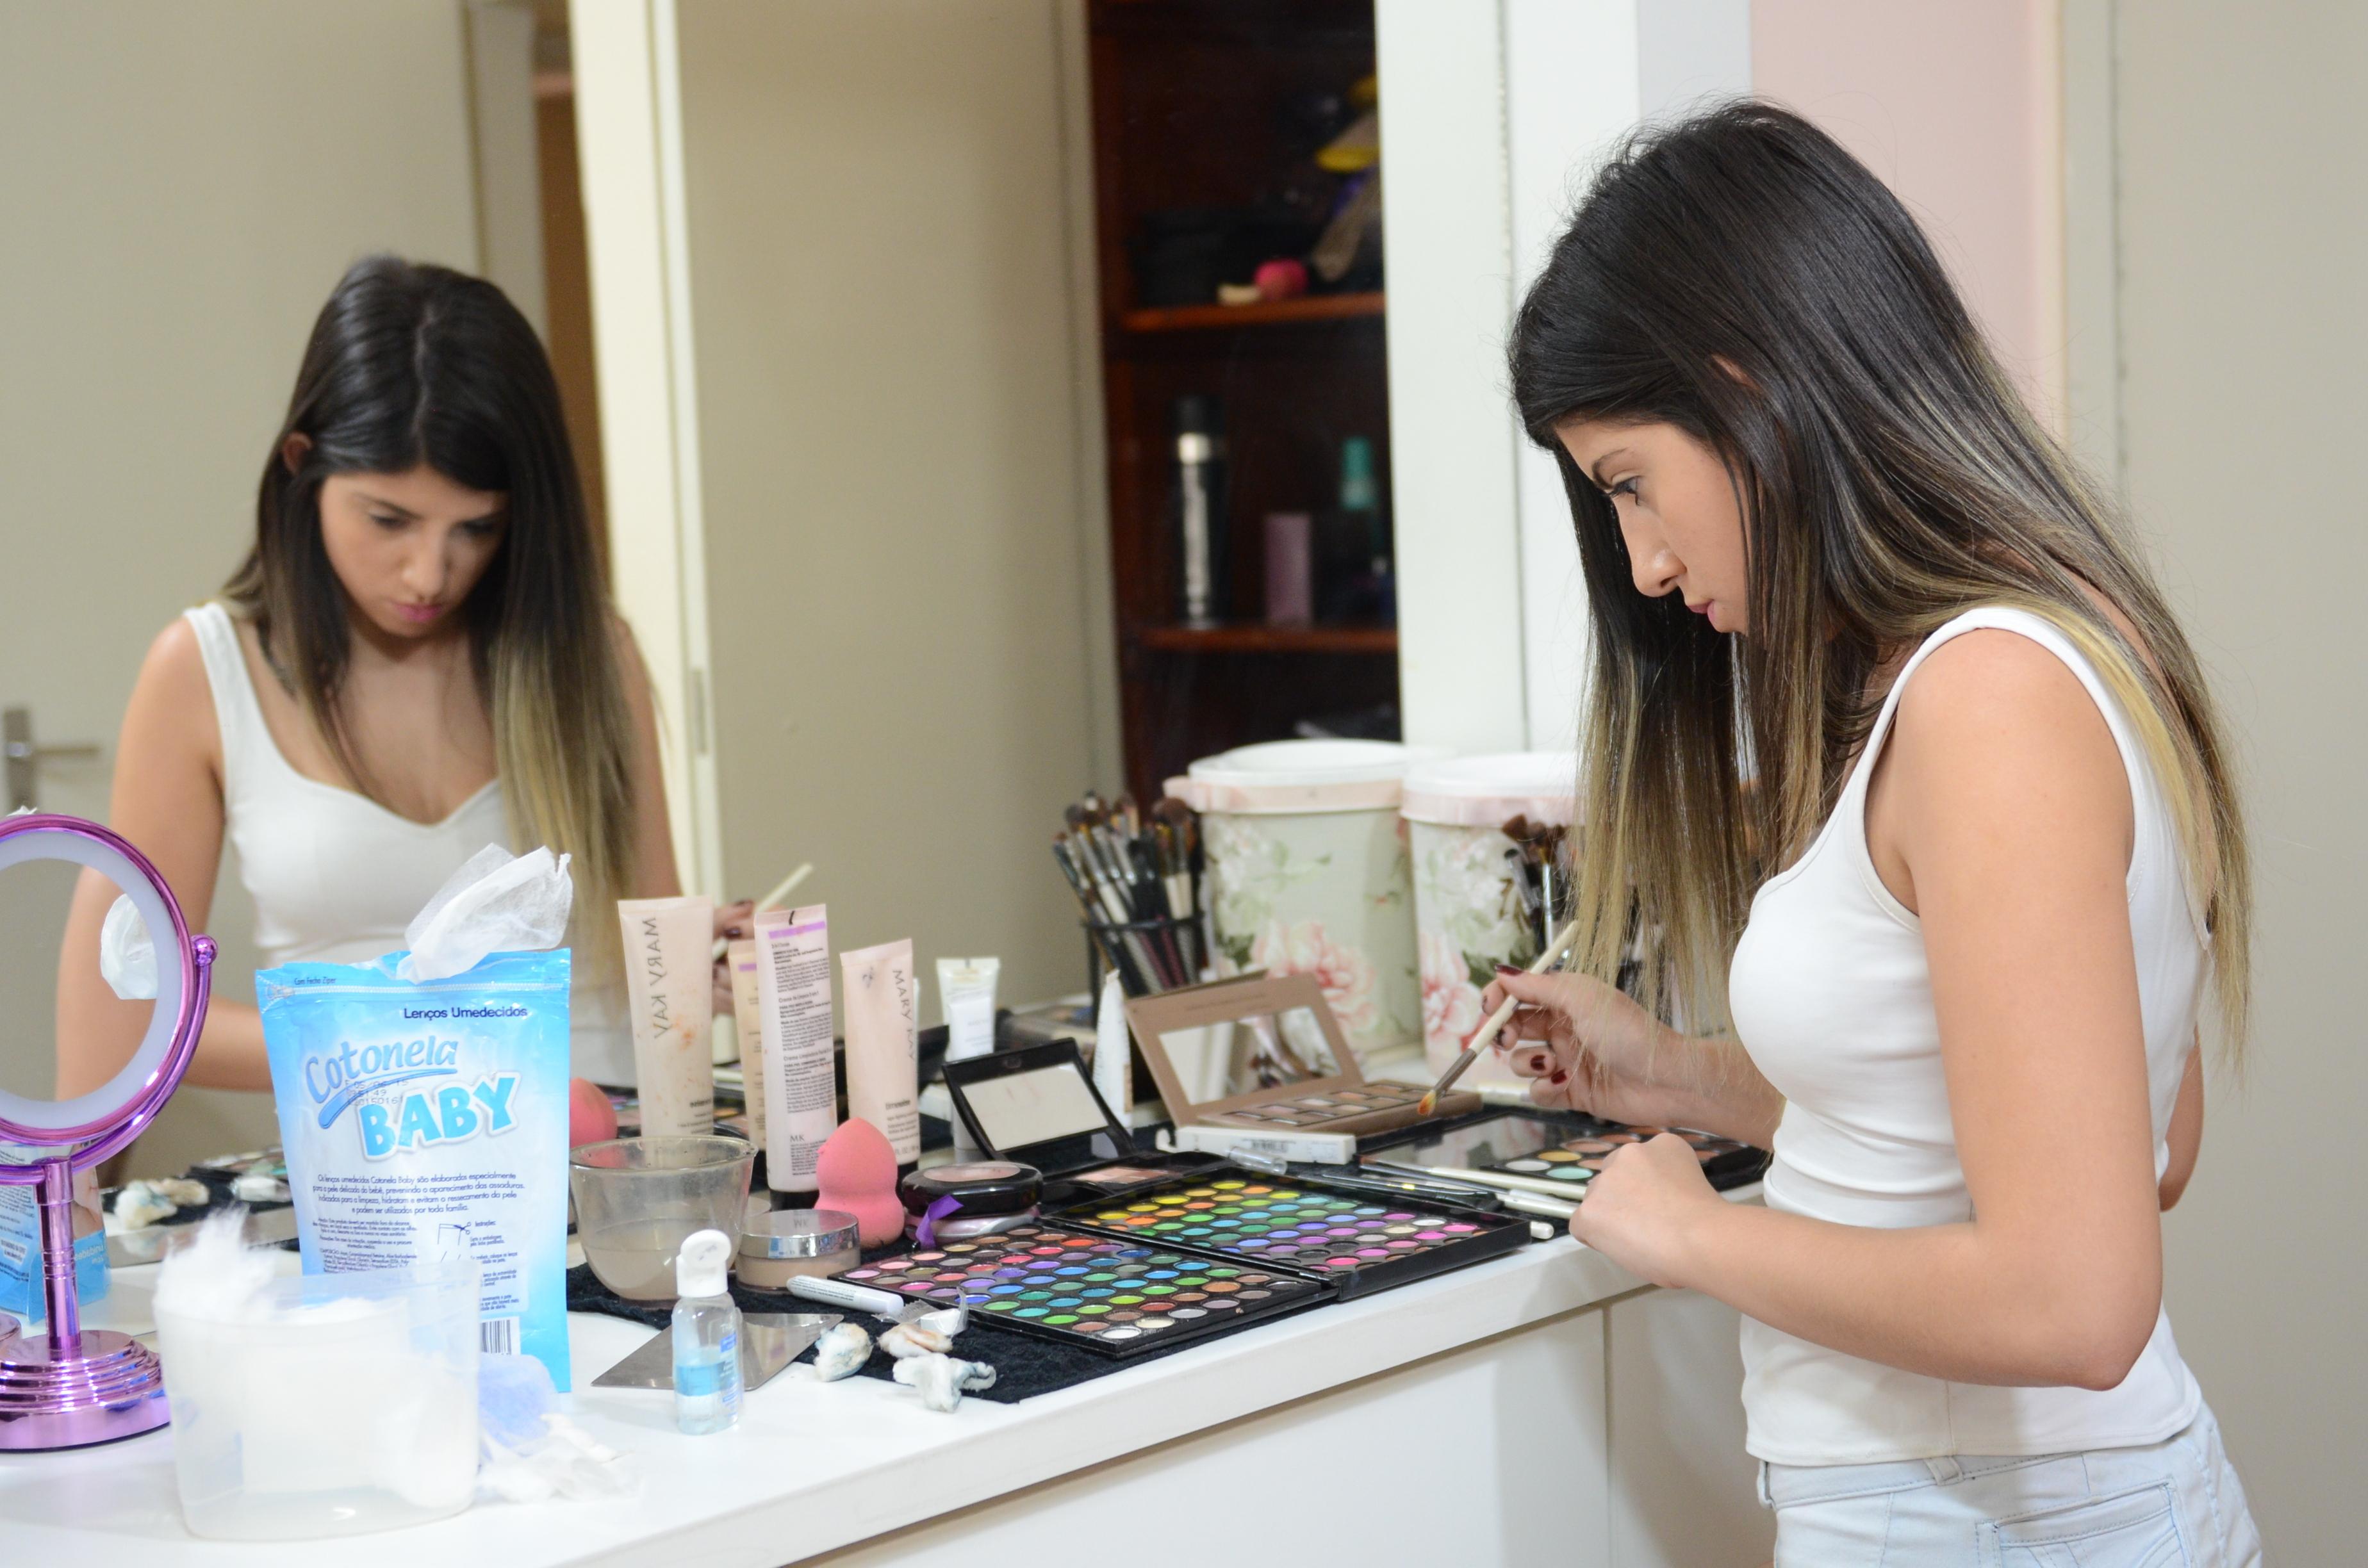 depilador(a) designer de sobrancelhas docente / professor(a) empresário(a) / dono de negócio maquiador(a)